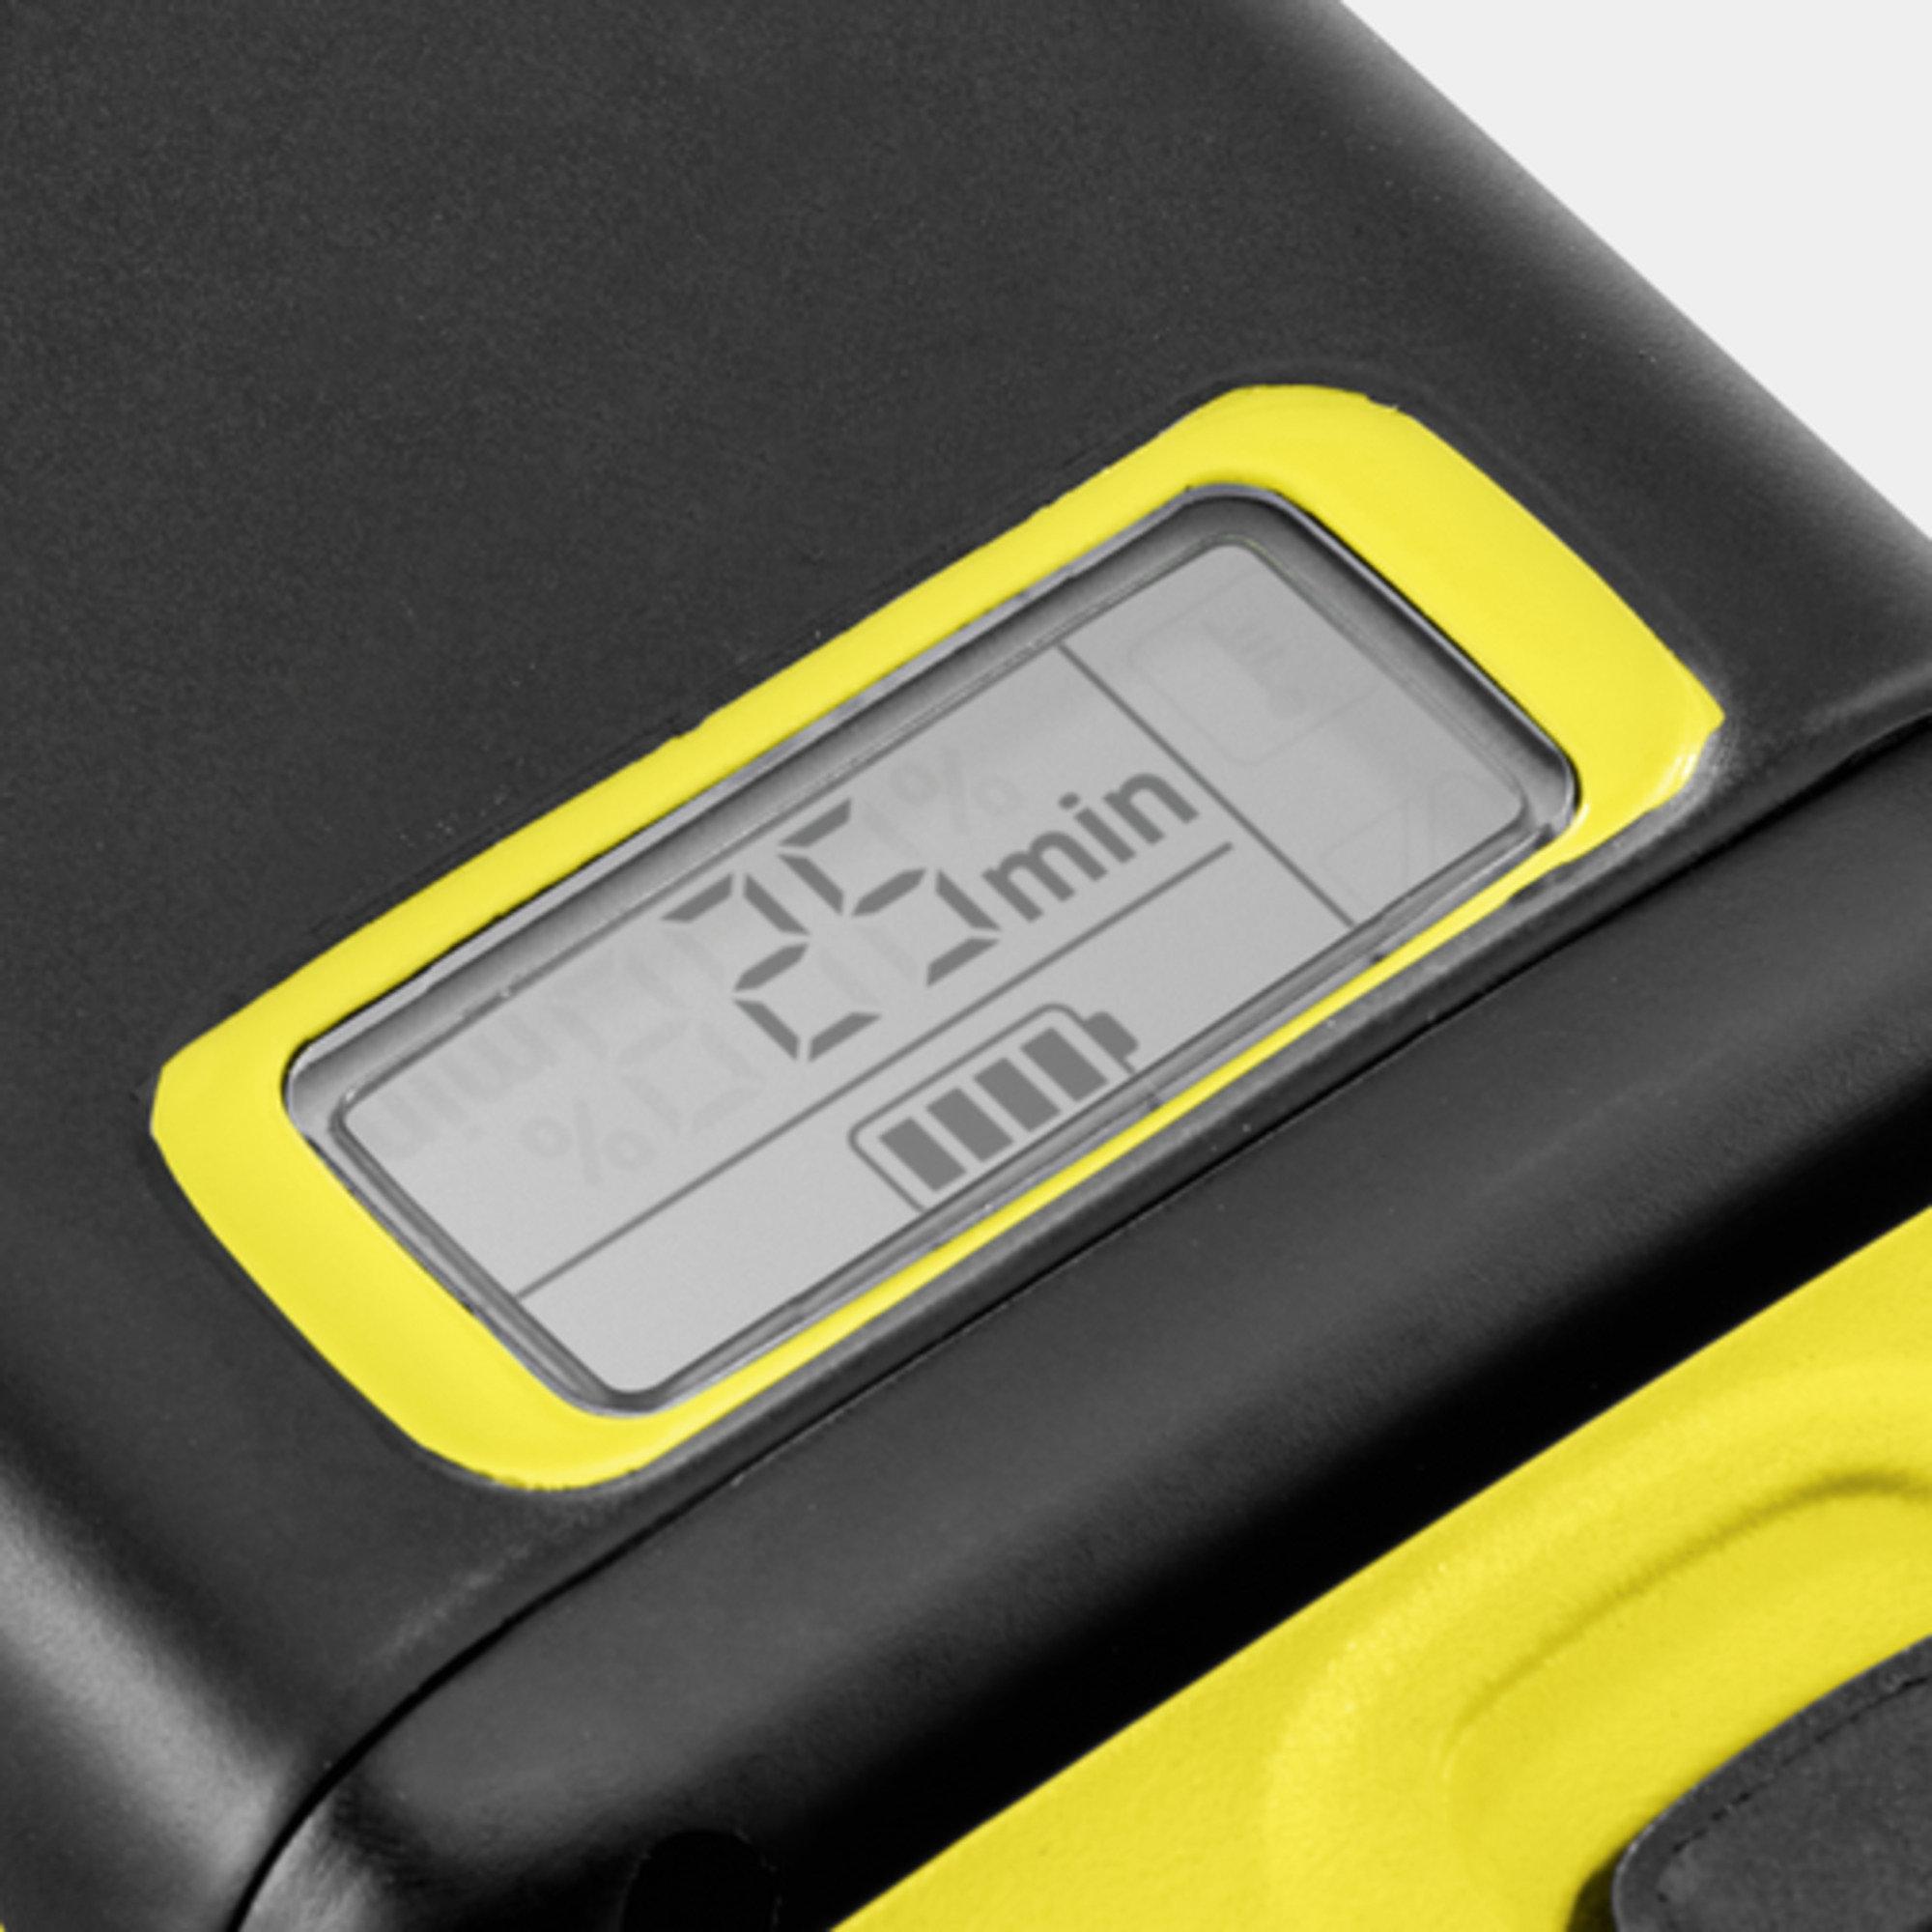 Battery power vahetatav aku 36/25: Uuenduslik reaalaja tehnoloogia (Real Time Technology)